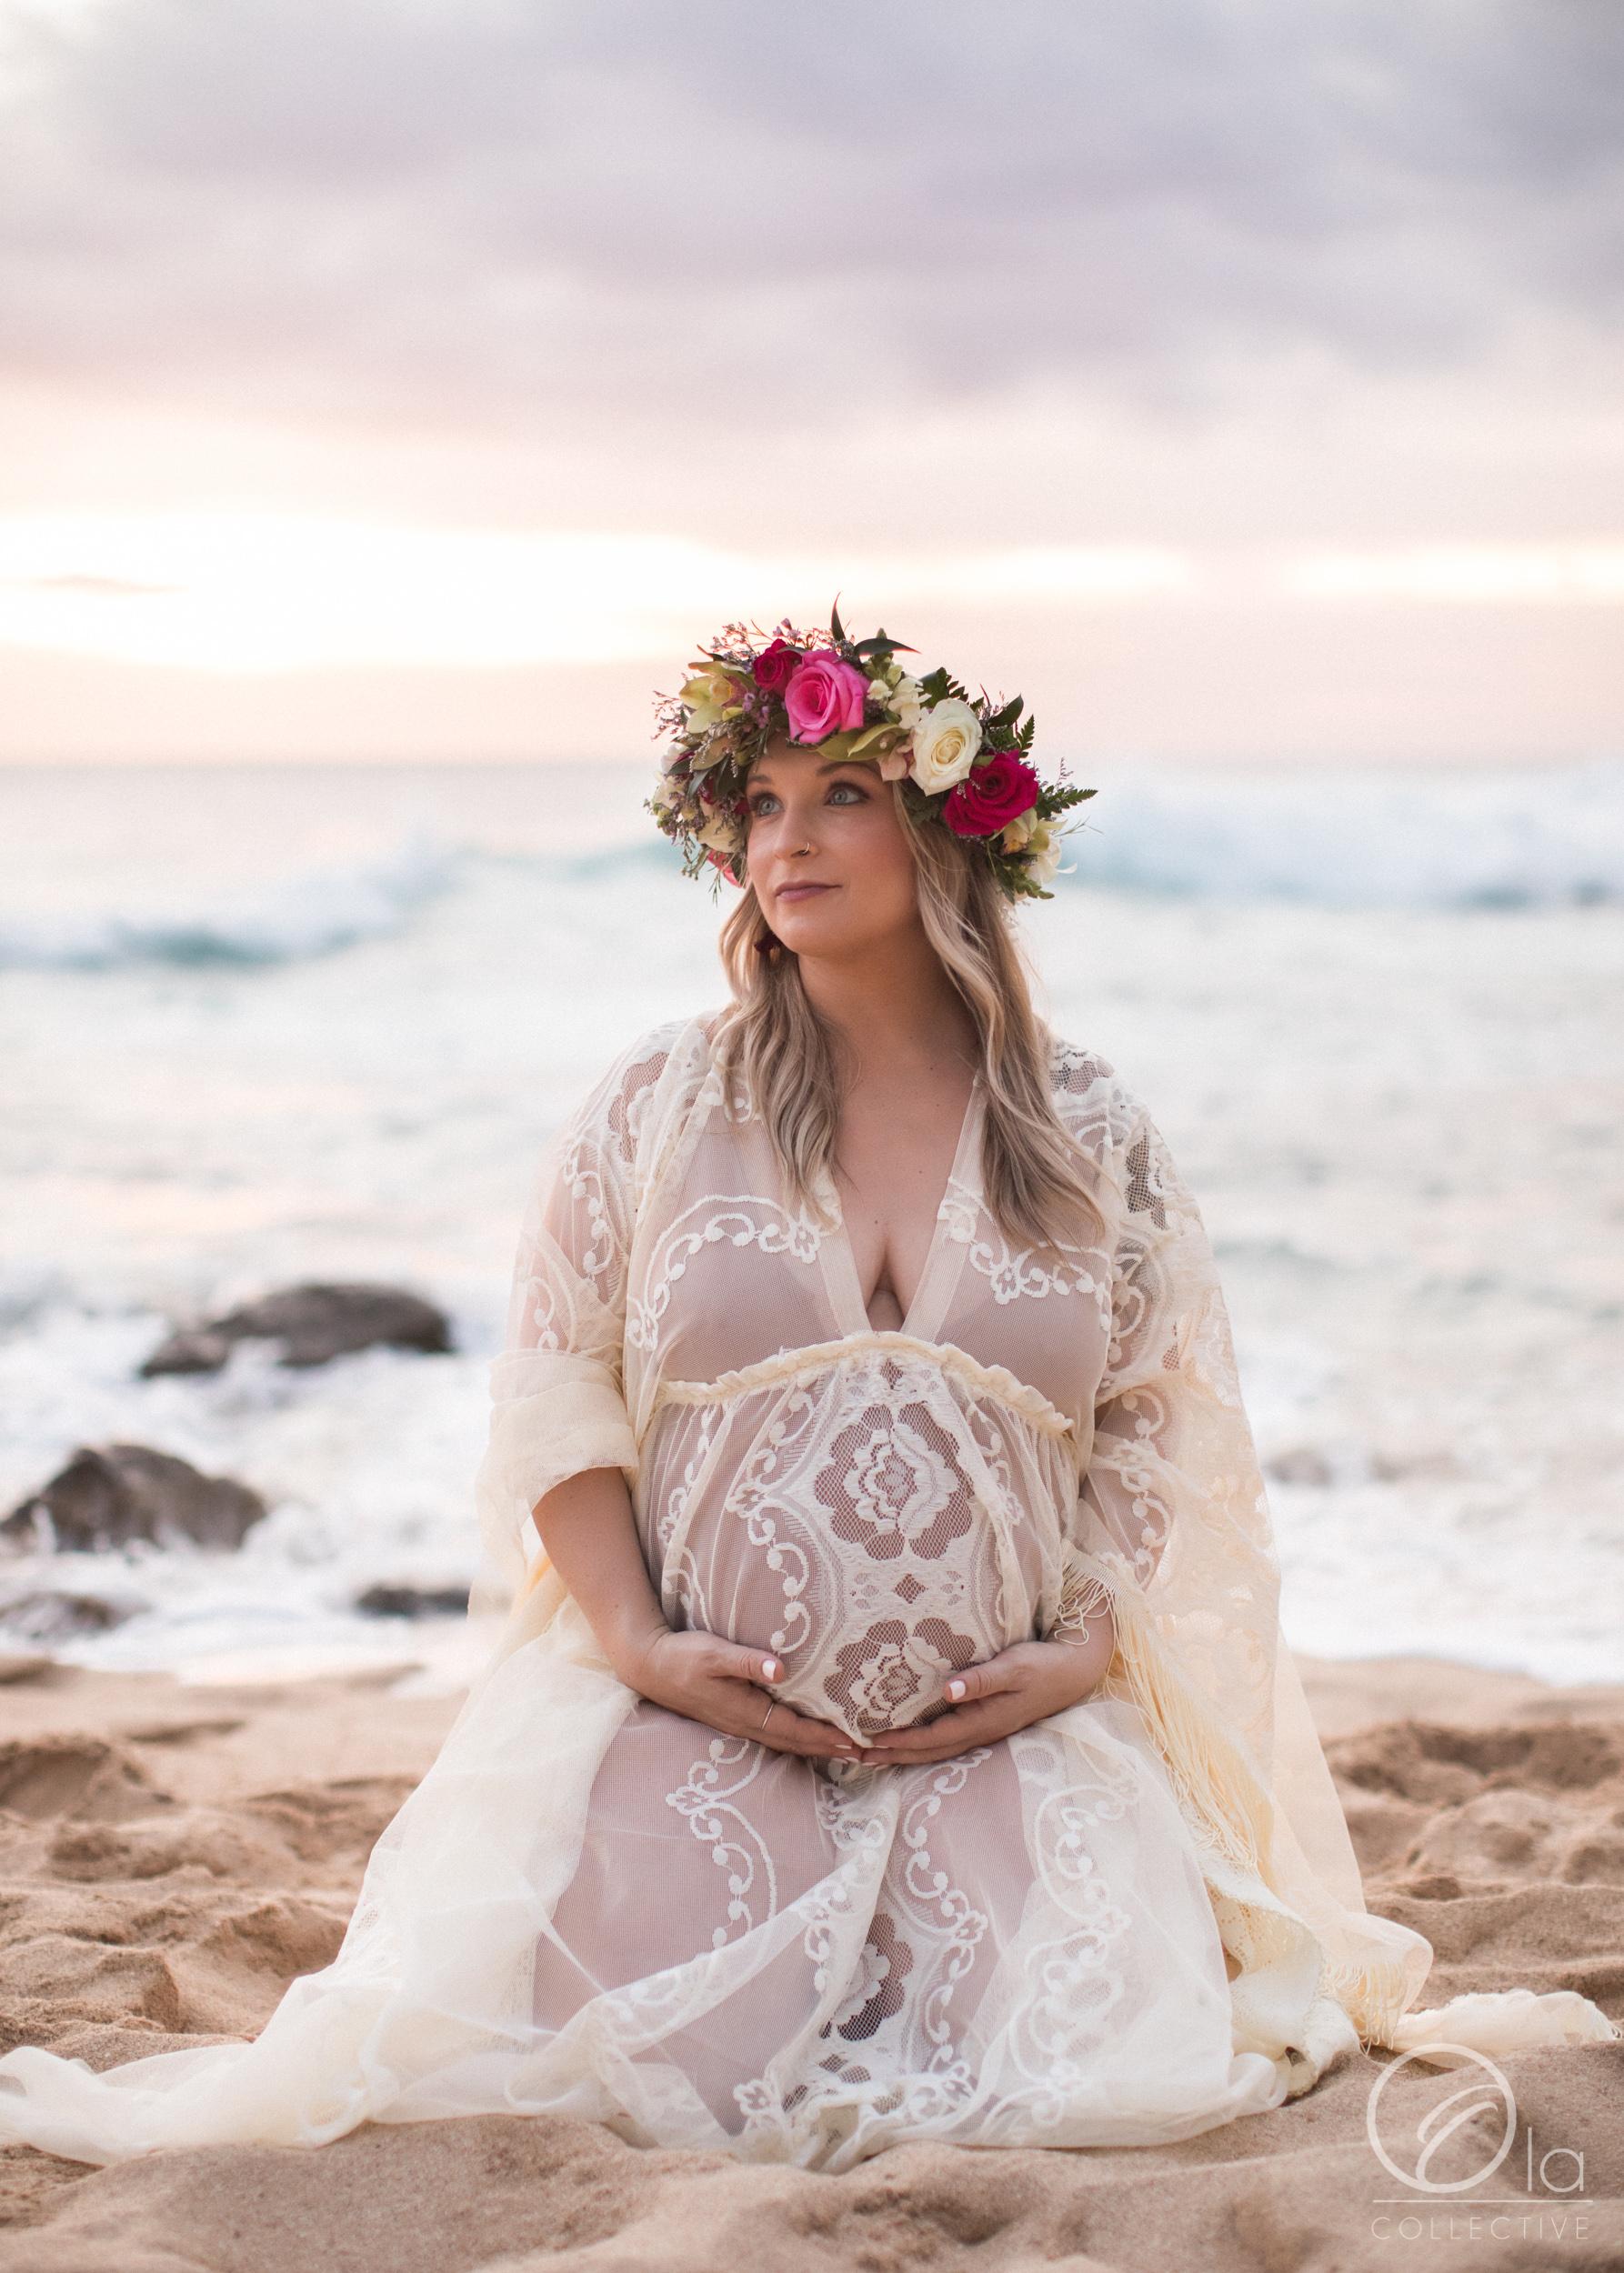 Four-Seasons-Oahu-Family-Photographer-Ola-Collective-10.jpg